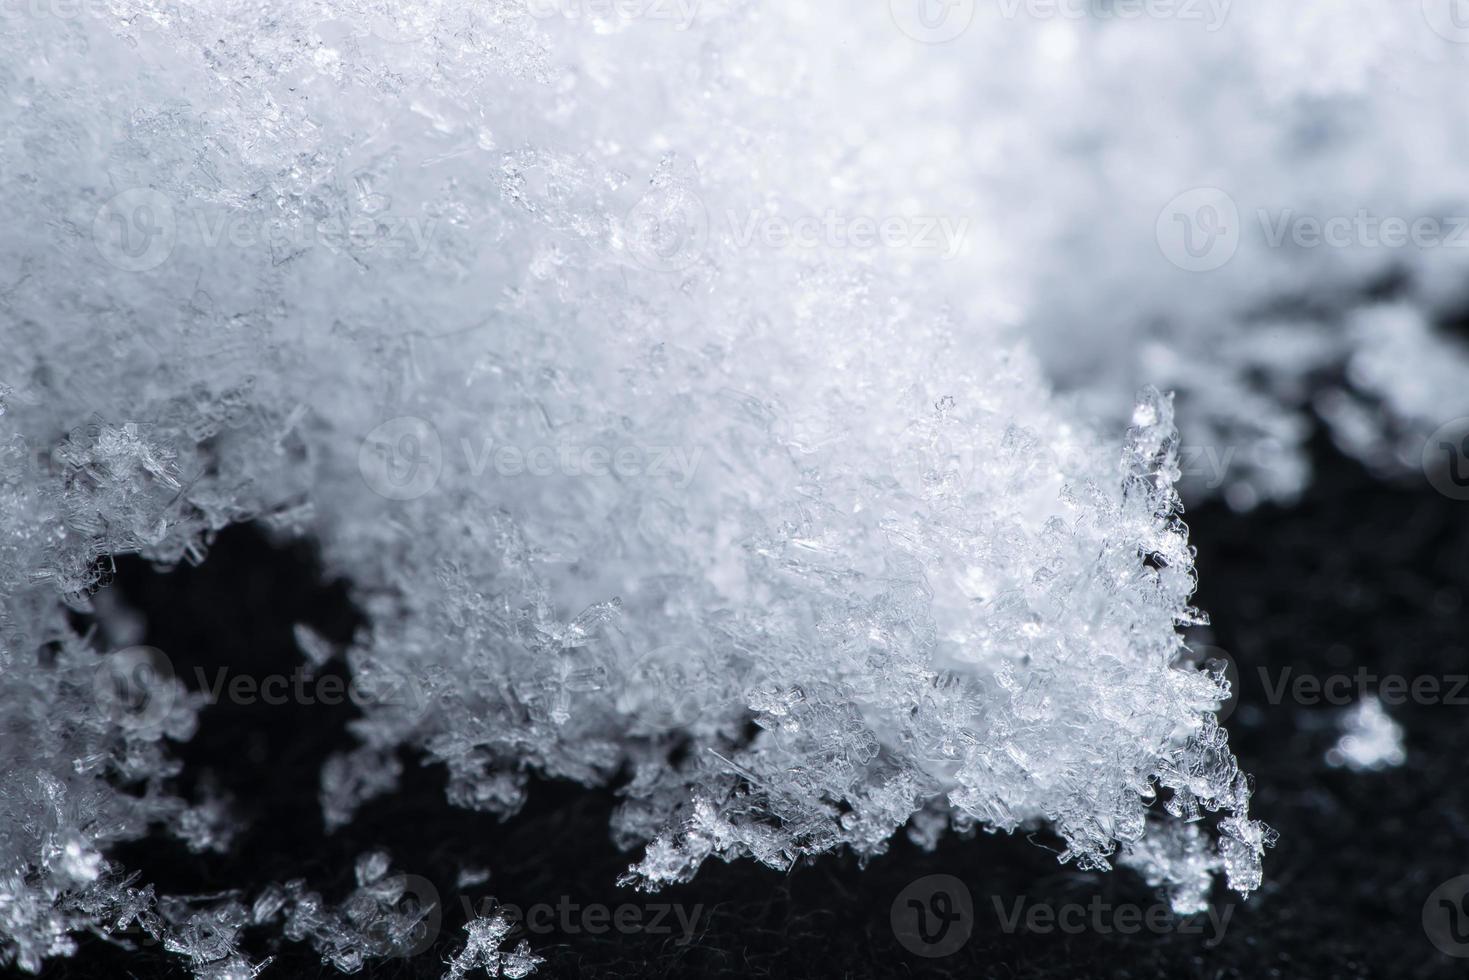 närbild snö foto